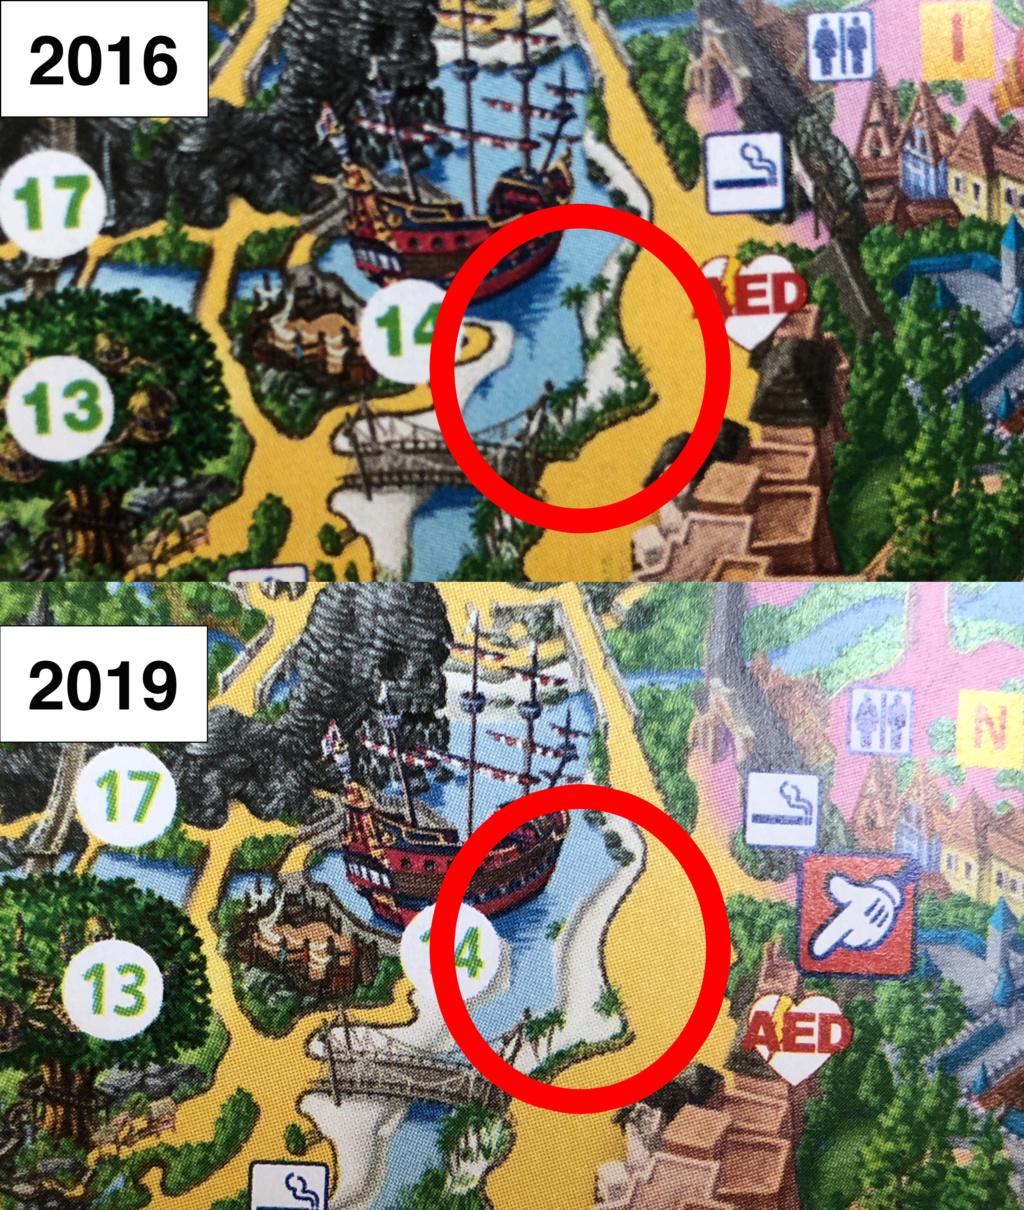 Collection des bourdes de Disneyland Paris - Page 43 Erreur10